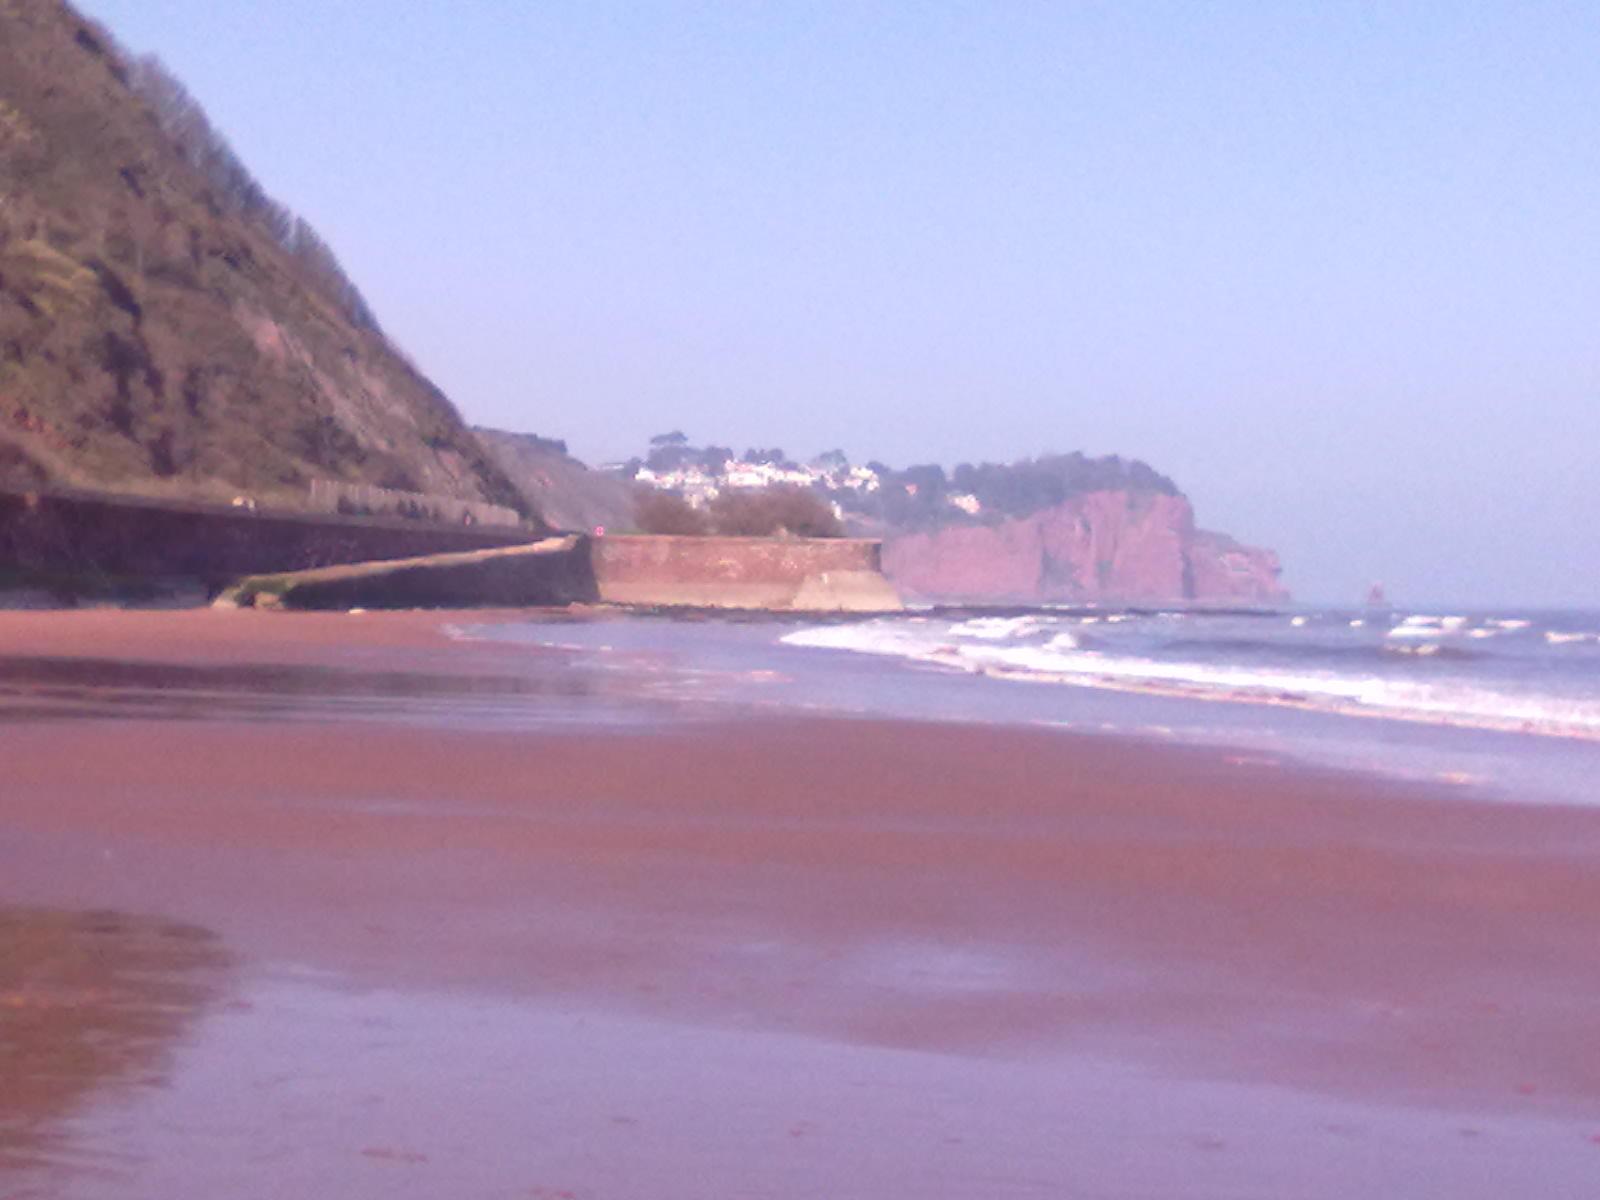 Beach - Holcombe View